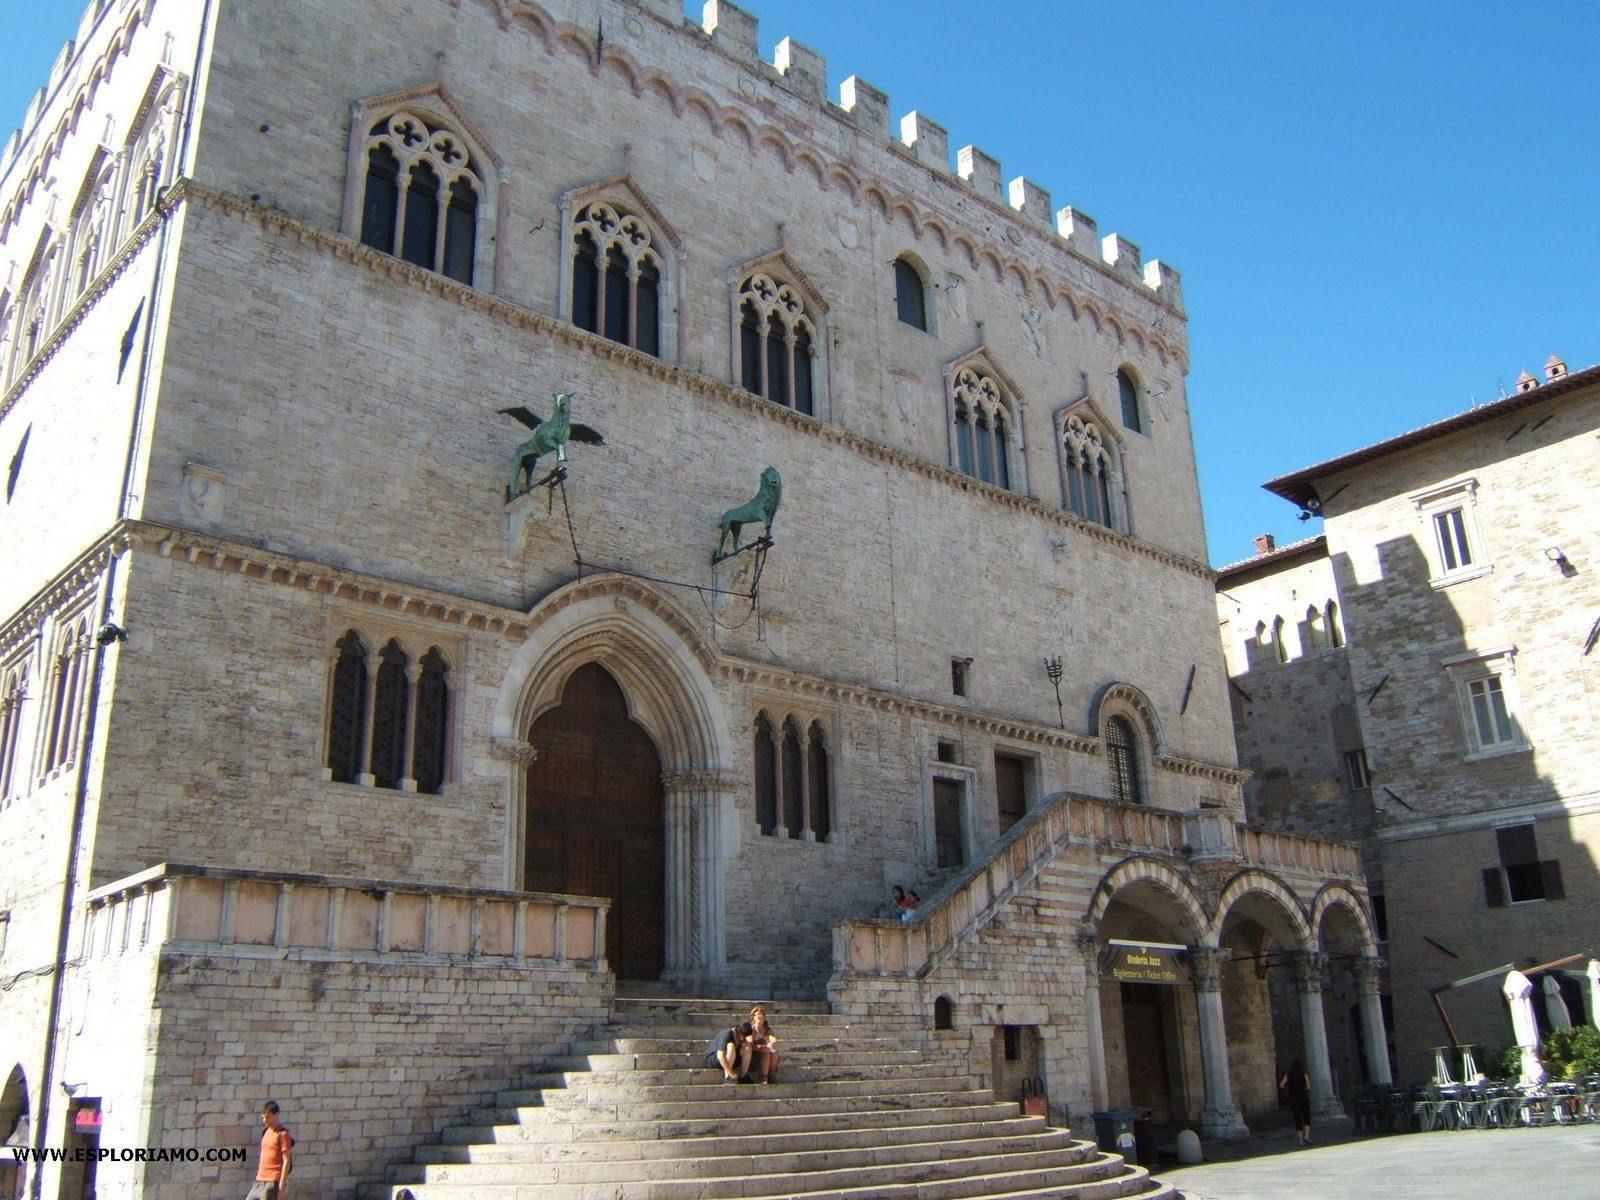 Hotel Priori Perugia Italy